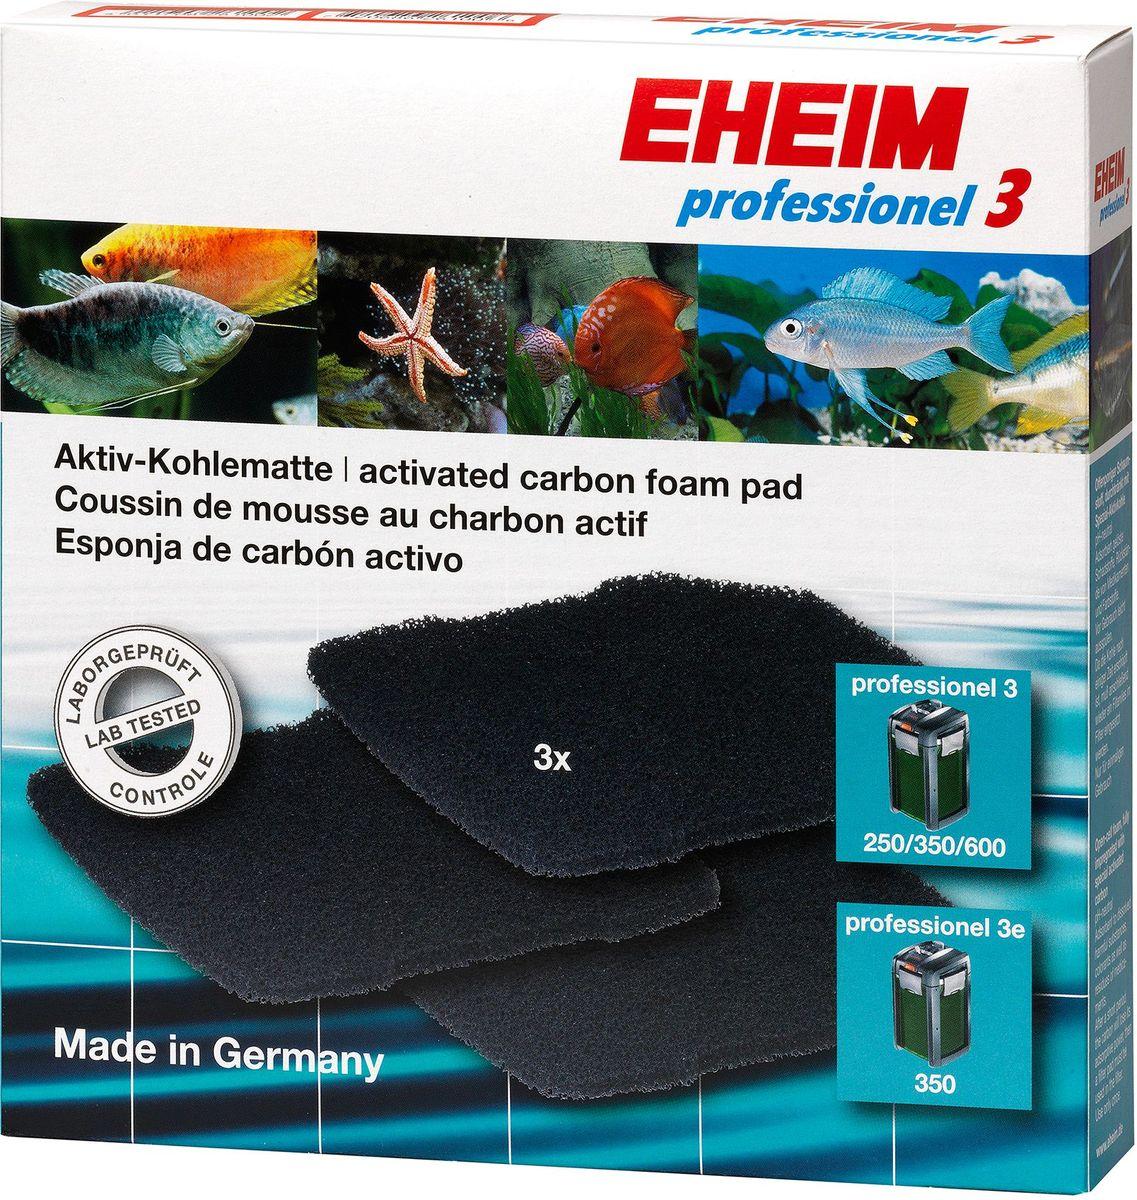 Наполнитель для фильтра Eheim Professionel 3 250/350/600, 3 шт2628710Набор угольных губок для фильтра PROFESSIONEL 3. Используется для удаления вредных веществ: остатков лекарст,хлора.